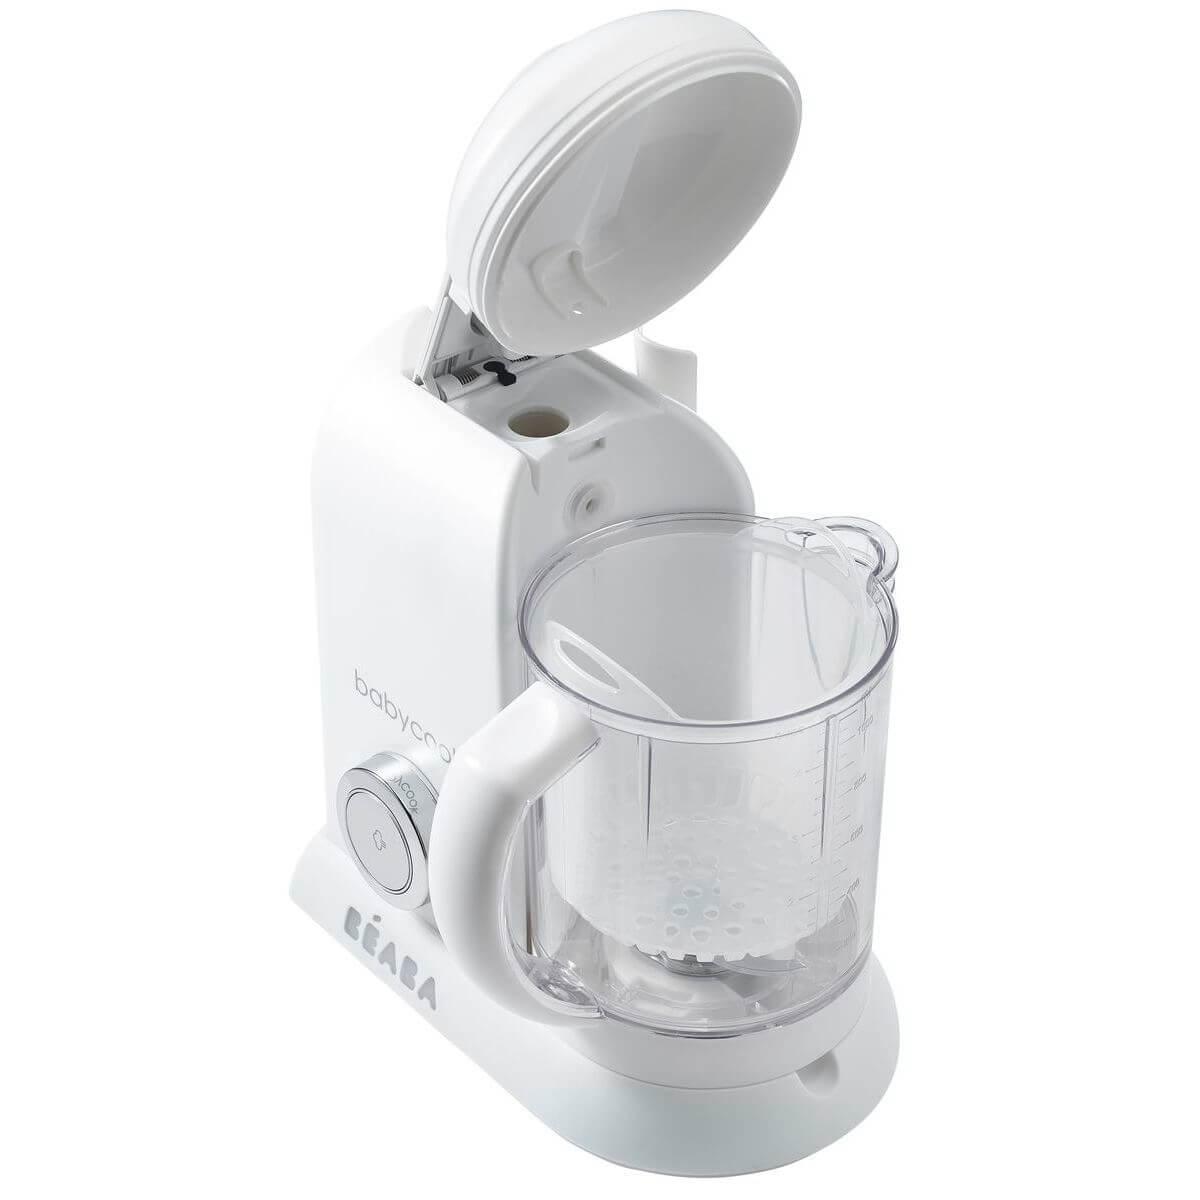 Cuiseur-vapeur BABYCOOK SOLO Beaba blanc-silver-édition limitée